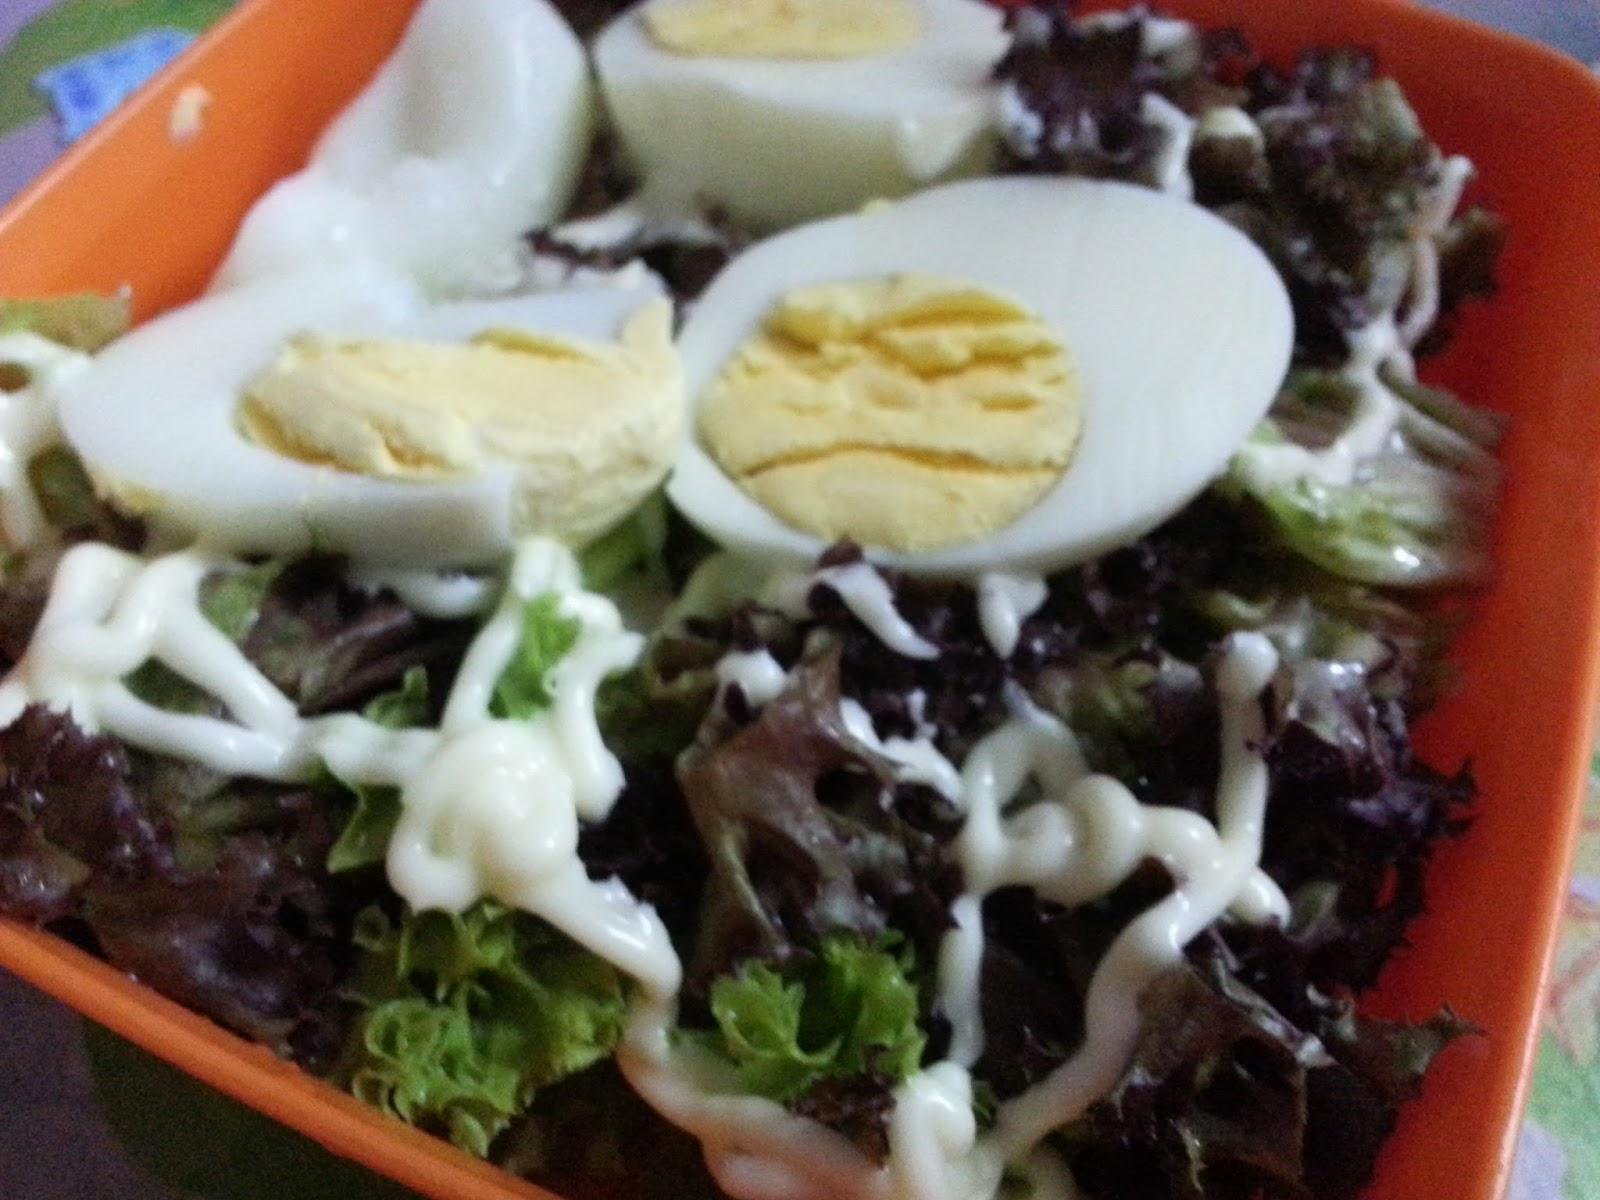 Sarapan 2 Telur Tiap Pagi Bisa Turunkan Berat Badan, Ini Alasannya